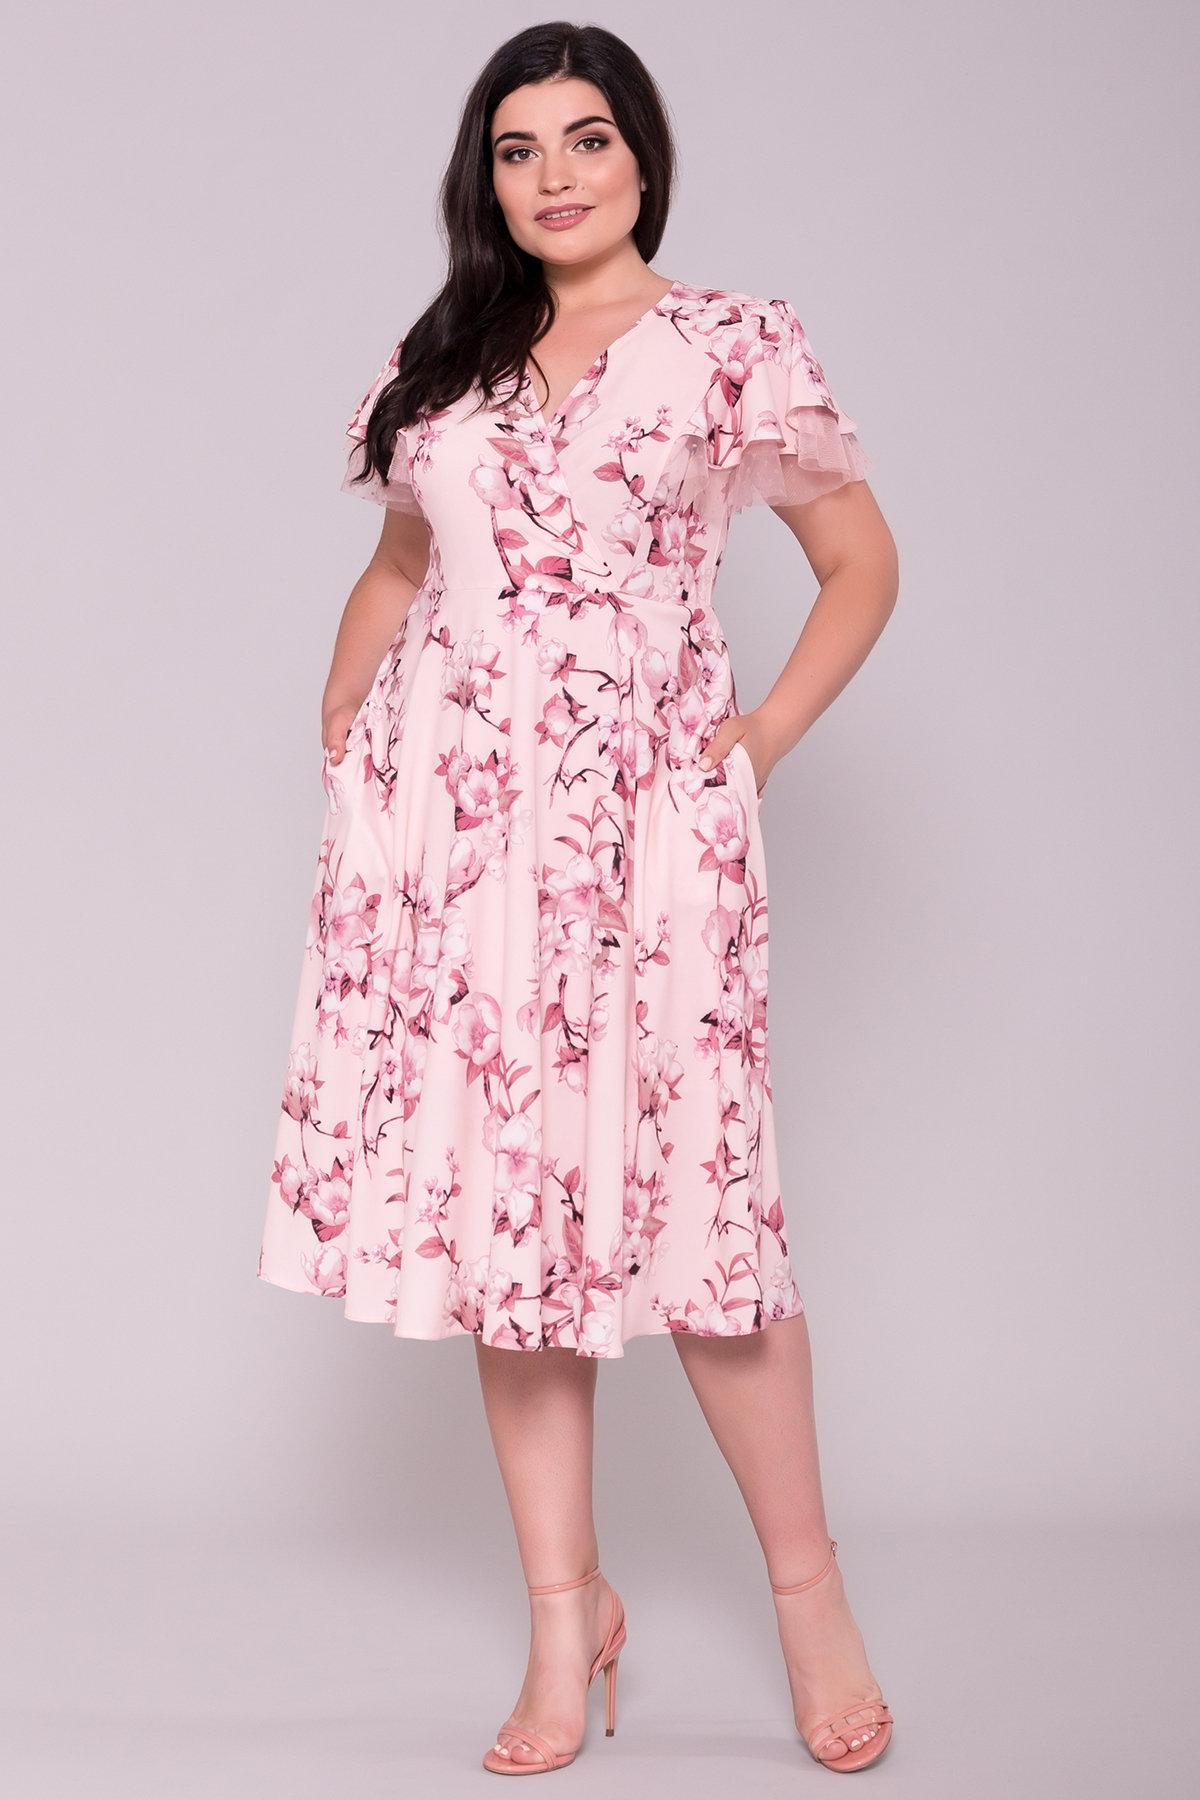 Платье Мидея DONNA 7240 АРТ. 42808 Цвет: Цветы на ветке пудра тем - фото 3, интернет магазин tm-modus.ru